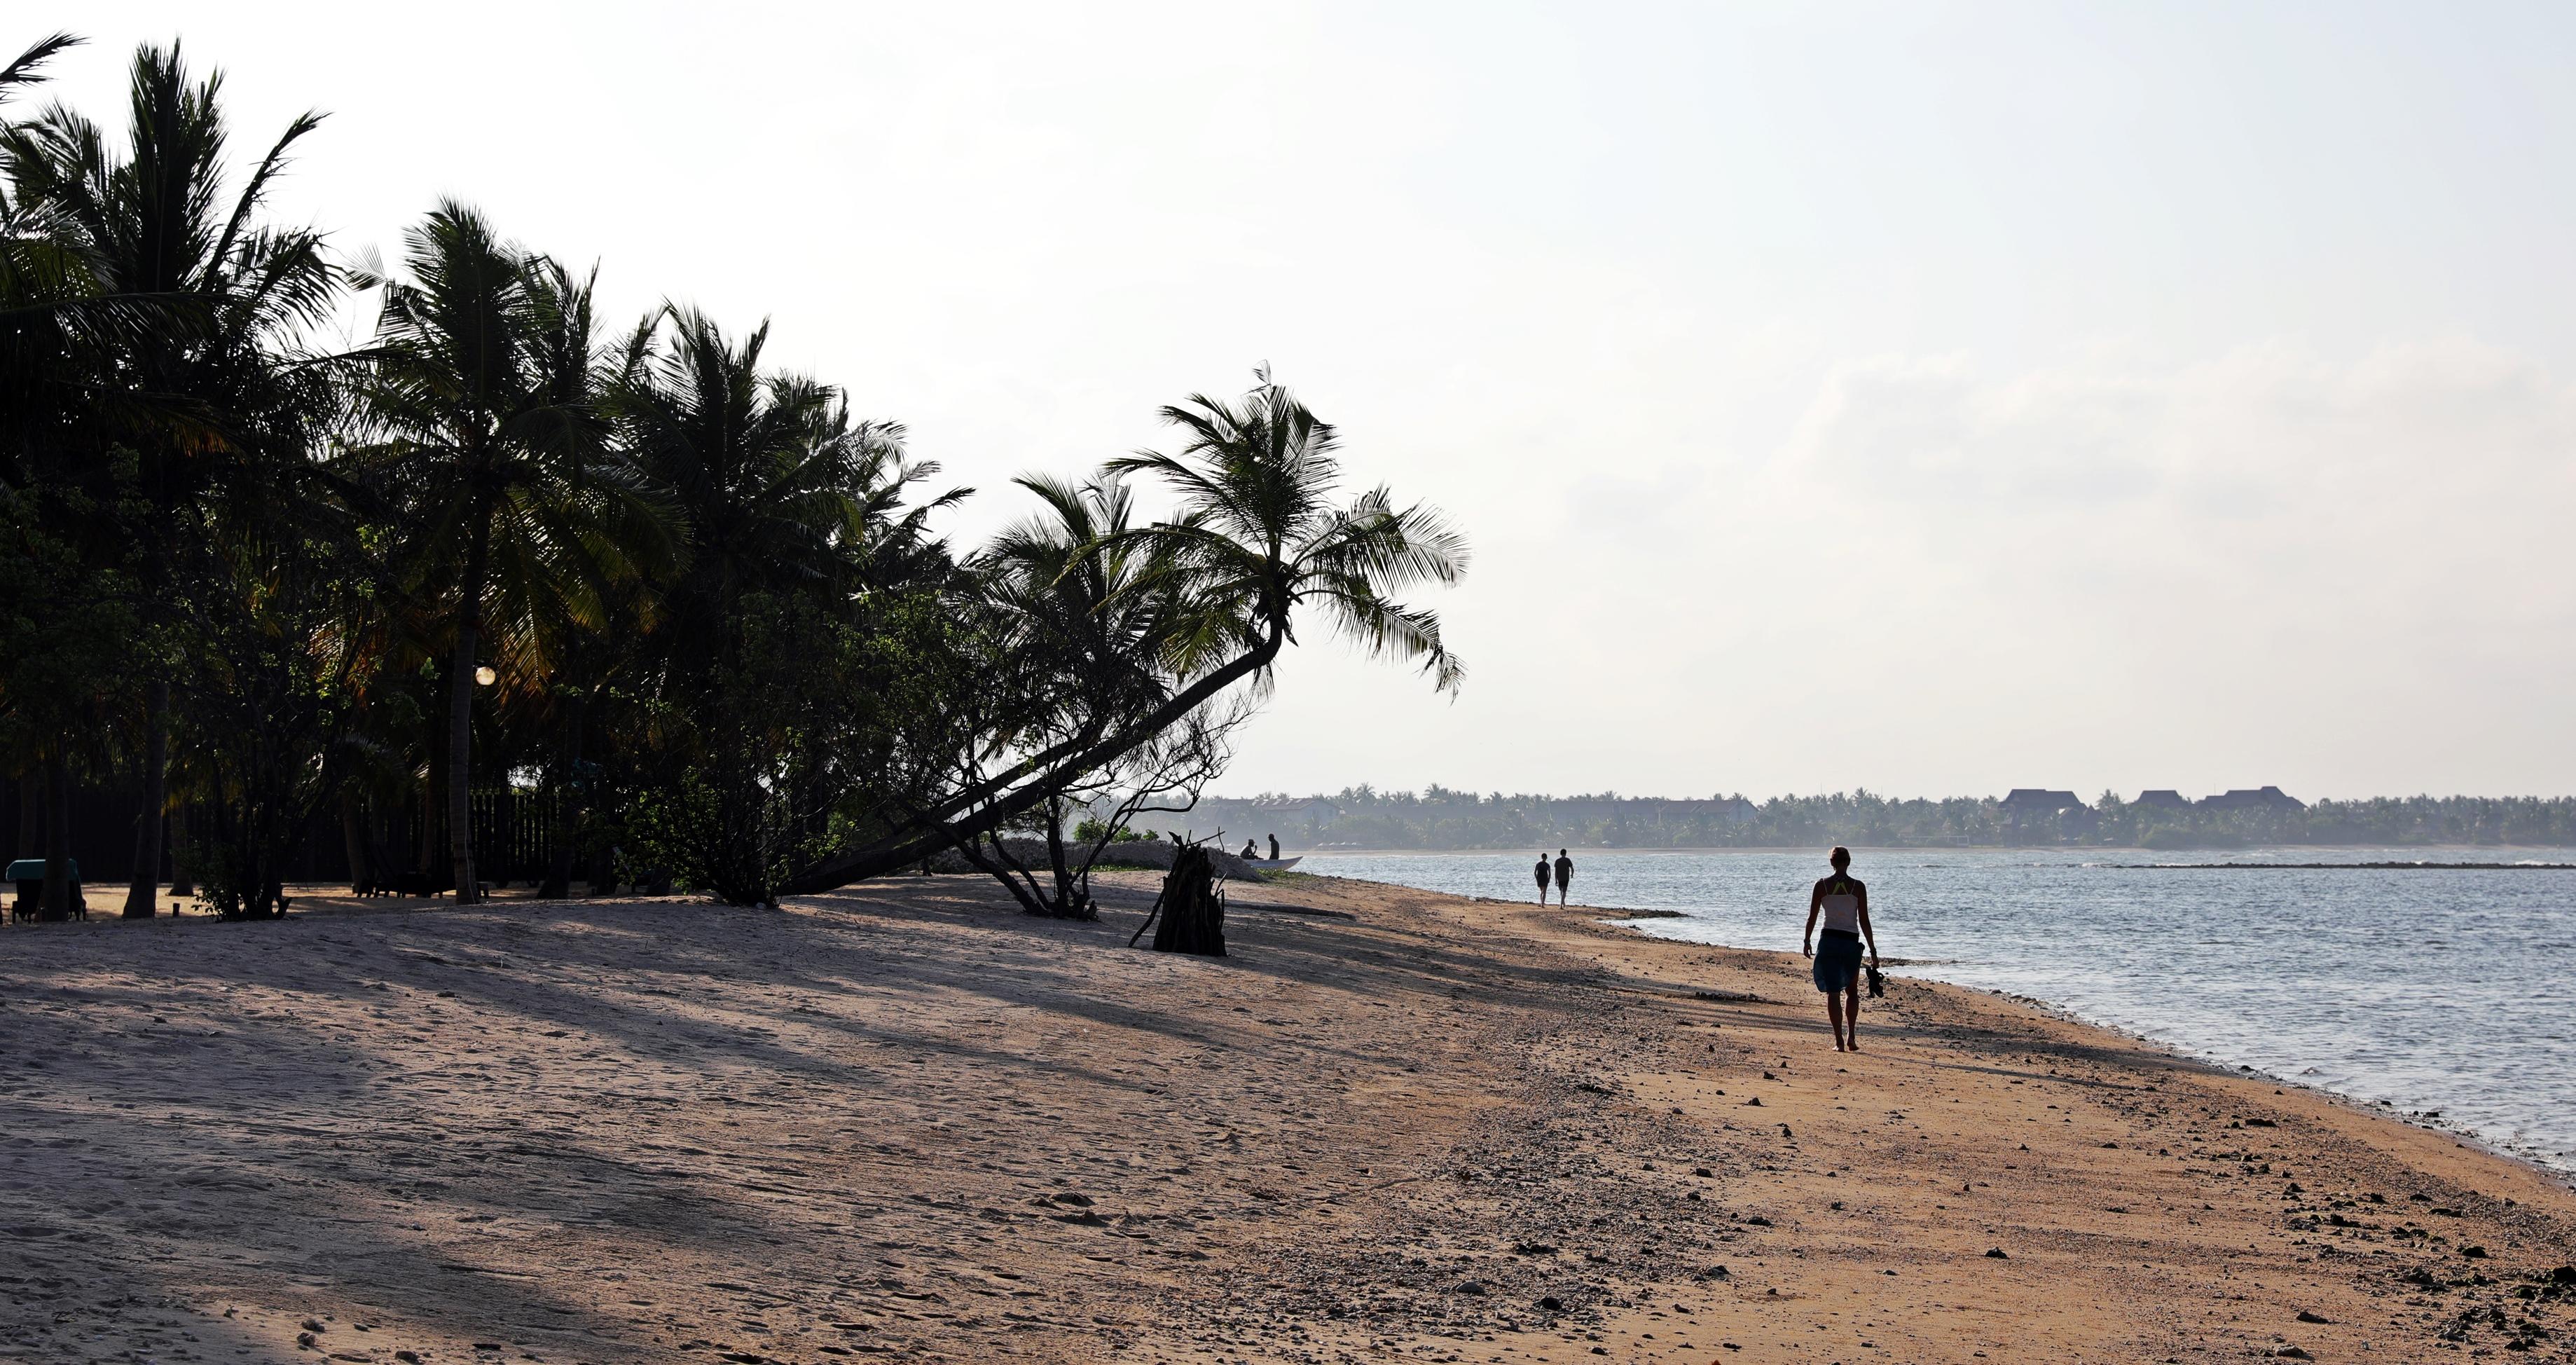 Pasikudah beach, Sri Lanka